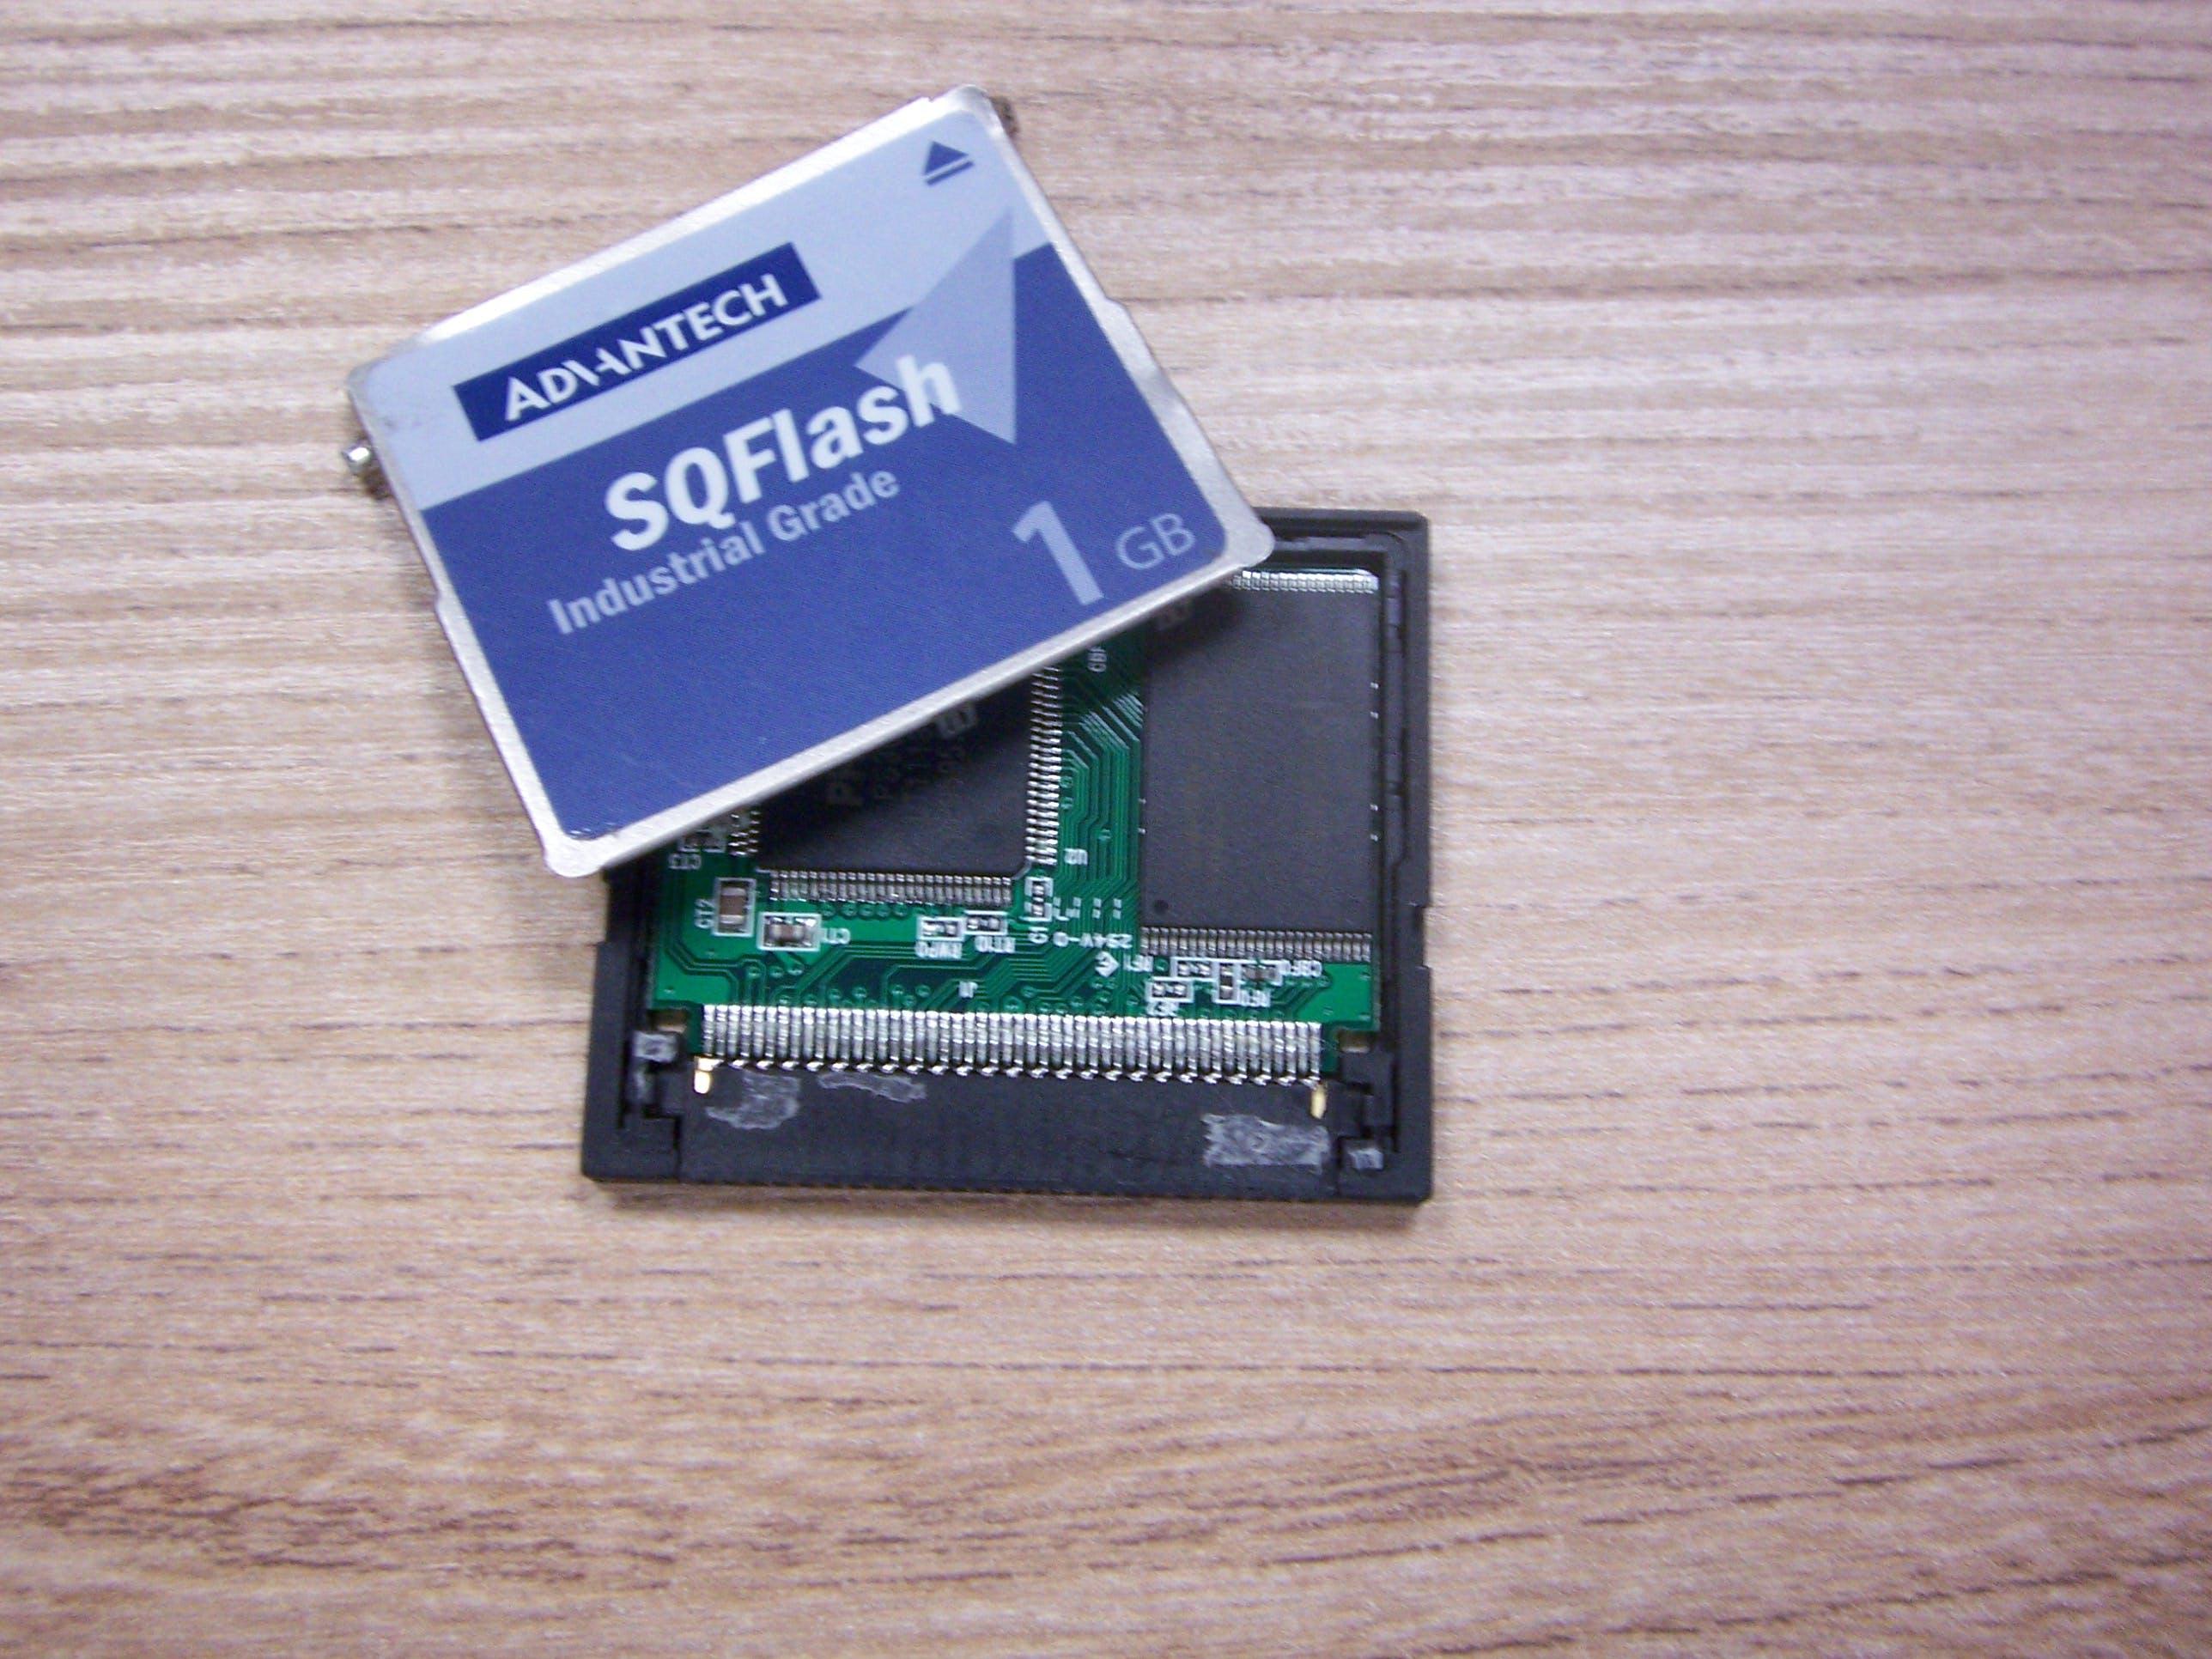 Przemysłowa karta CF z otwartą obudową,widoczny kontroler i pamięć flash